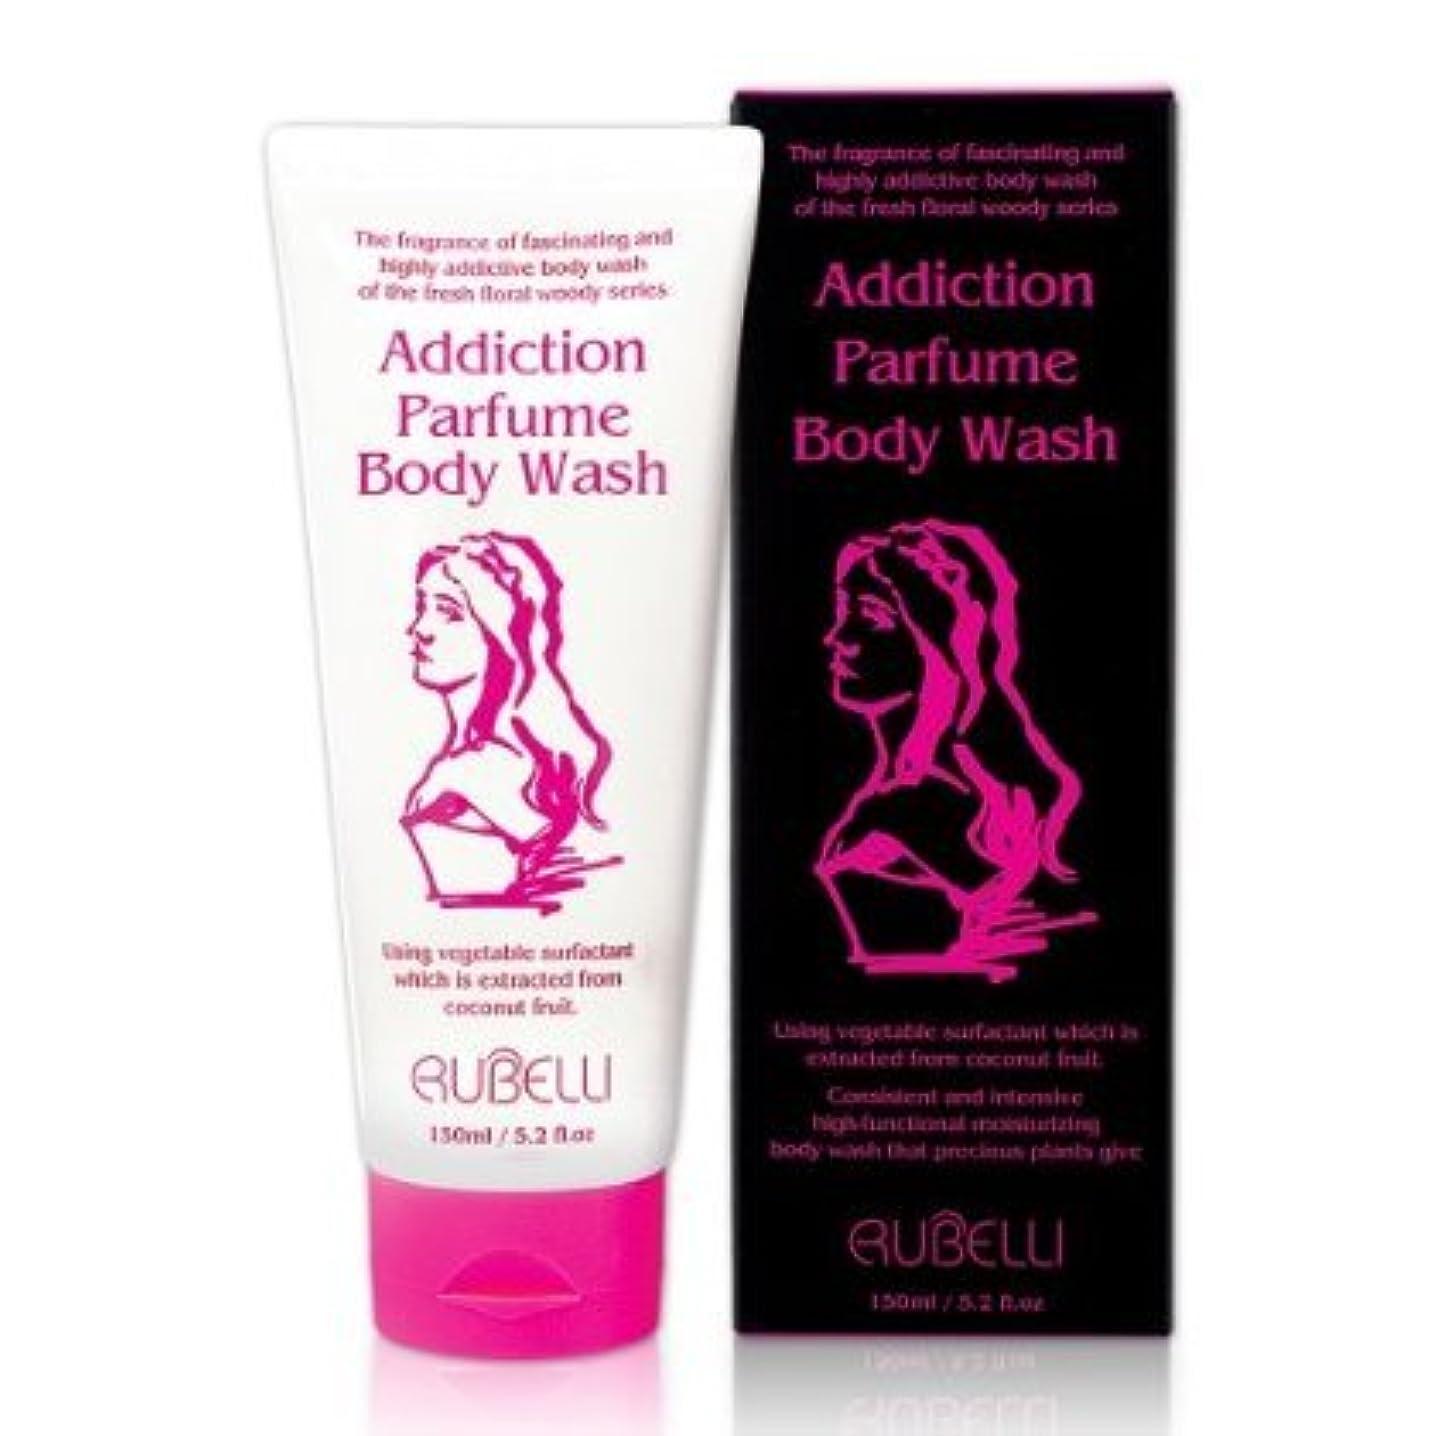 脅迫コンドームライナー[Rubelli]+[addiction parfume body wash]+[150ml / high-functional moisturizing, floral scent parfume body wash,...